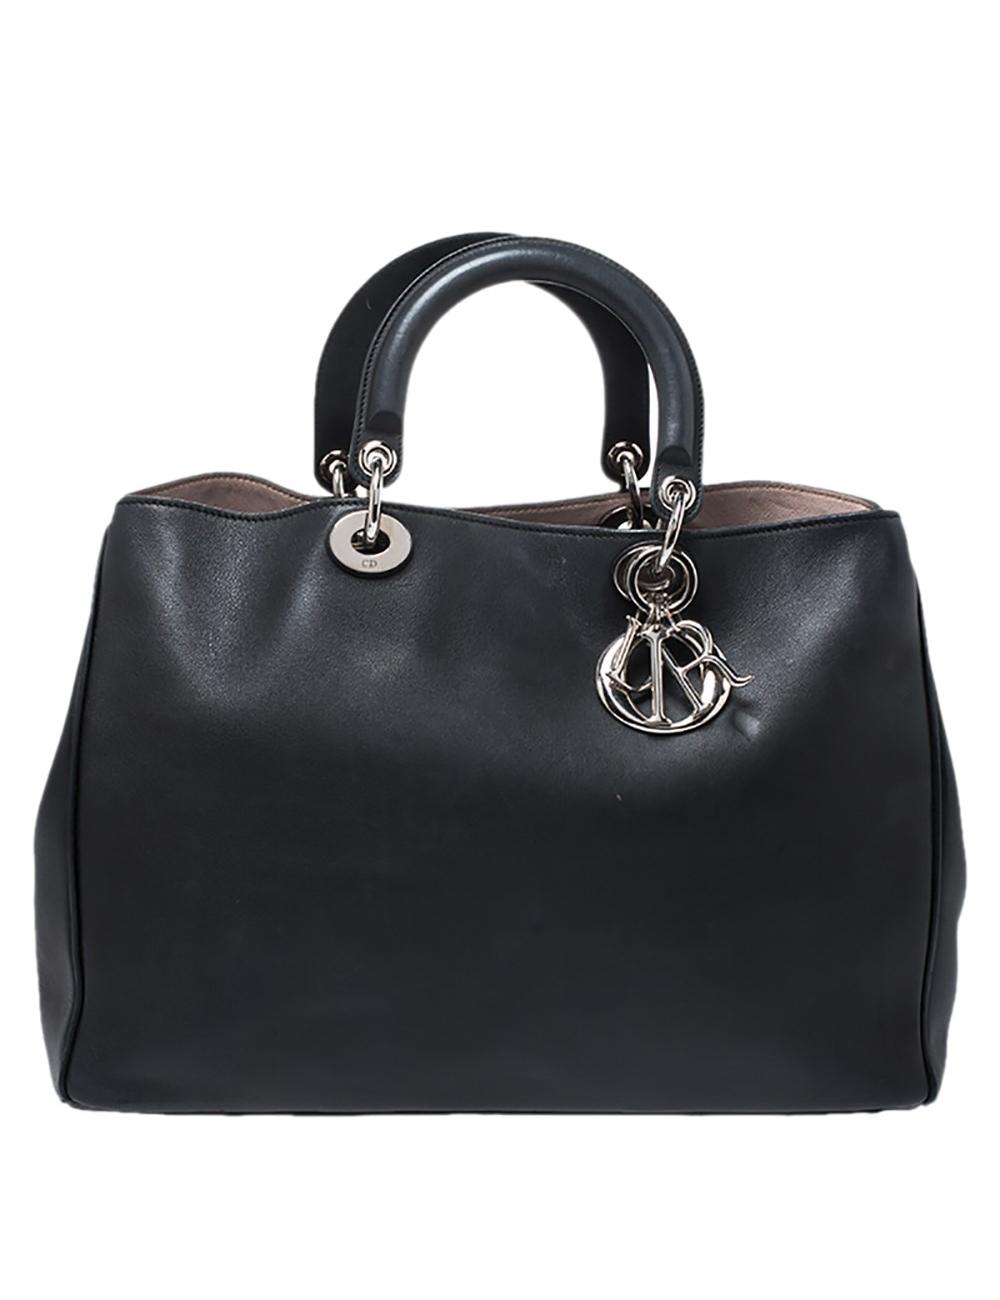 Dior Diorissimo購物手提袋是一件永不過時的作品。皮革包採用令人愉悅的黑色調,配以銀色金屬配件和Dior字母飾物。它具有雙頂提手,一個小袋和底部的保護腳。按扣開合打開,露出帶有皮革襯裡的內